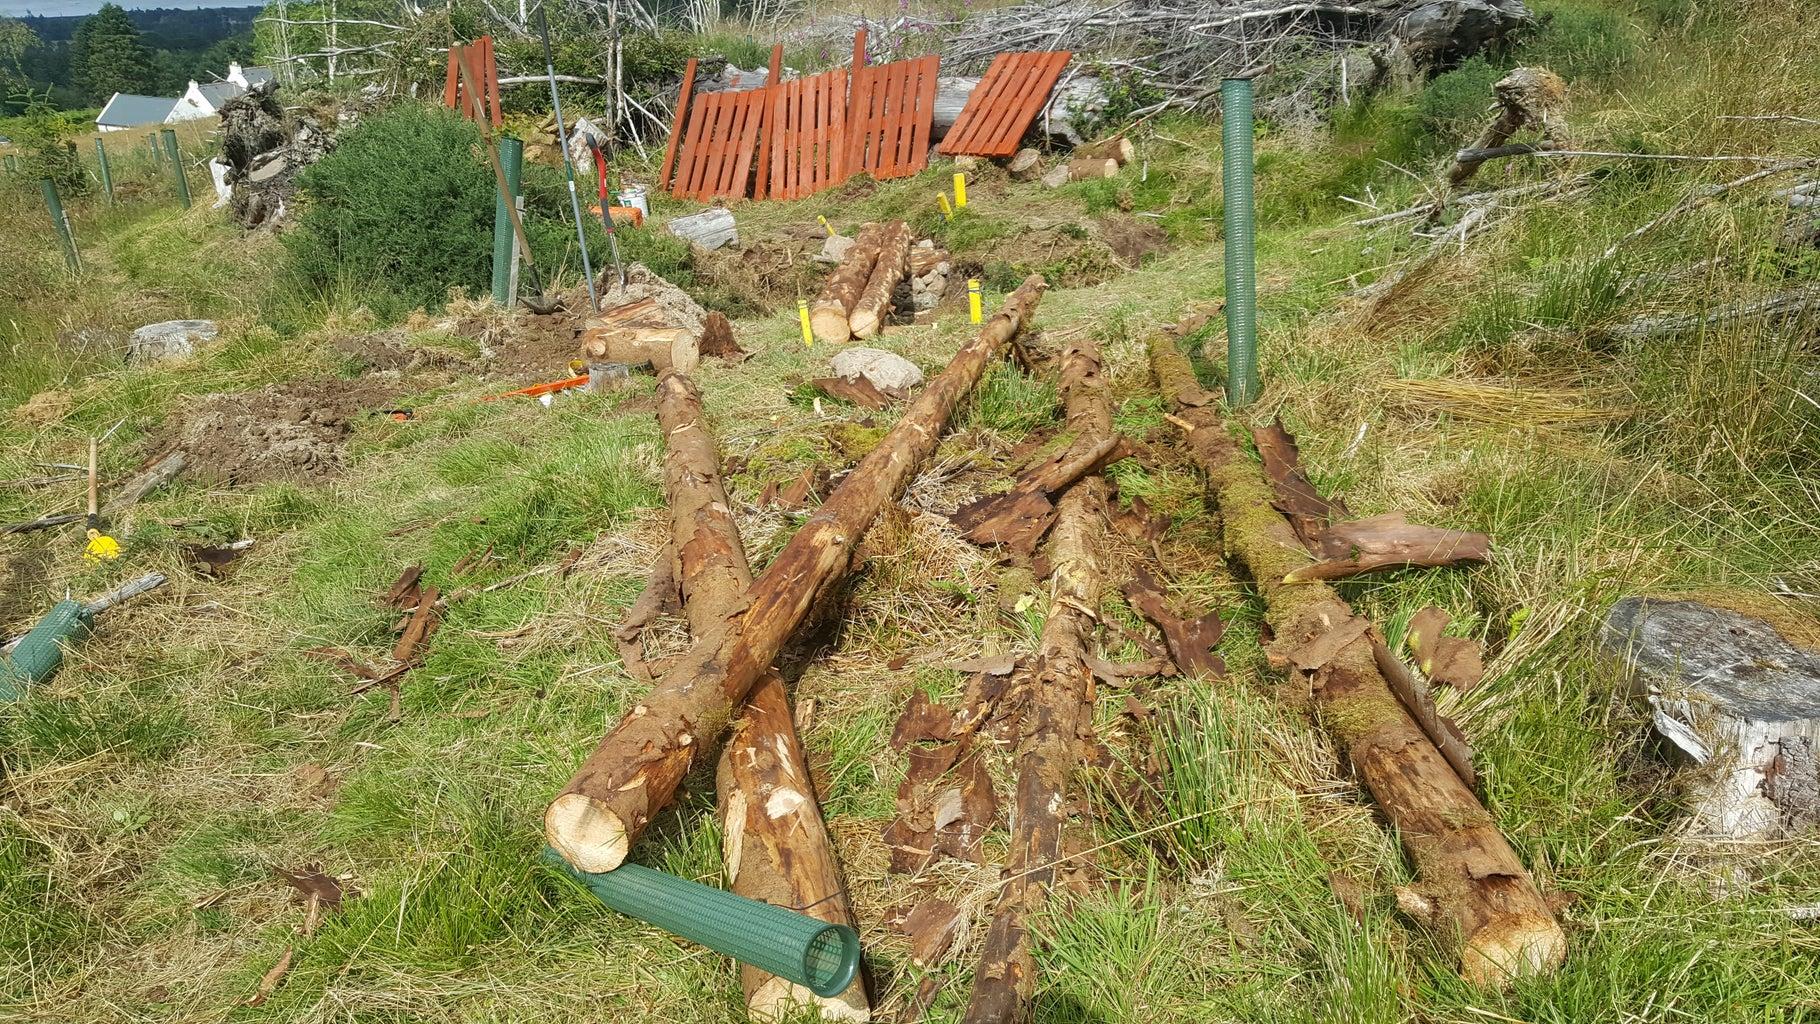 Debarking and Laying of the Log Beams